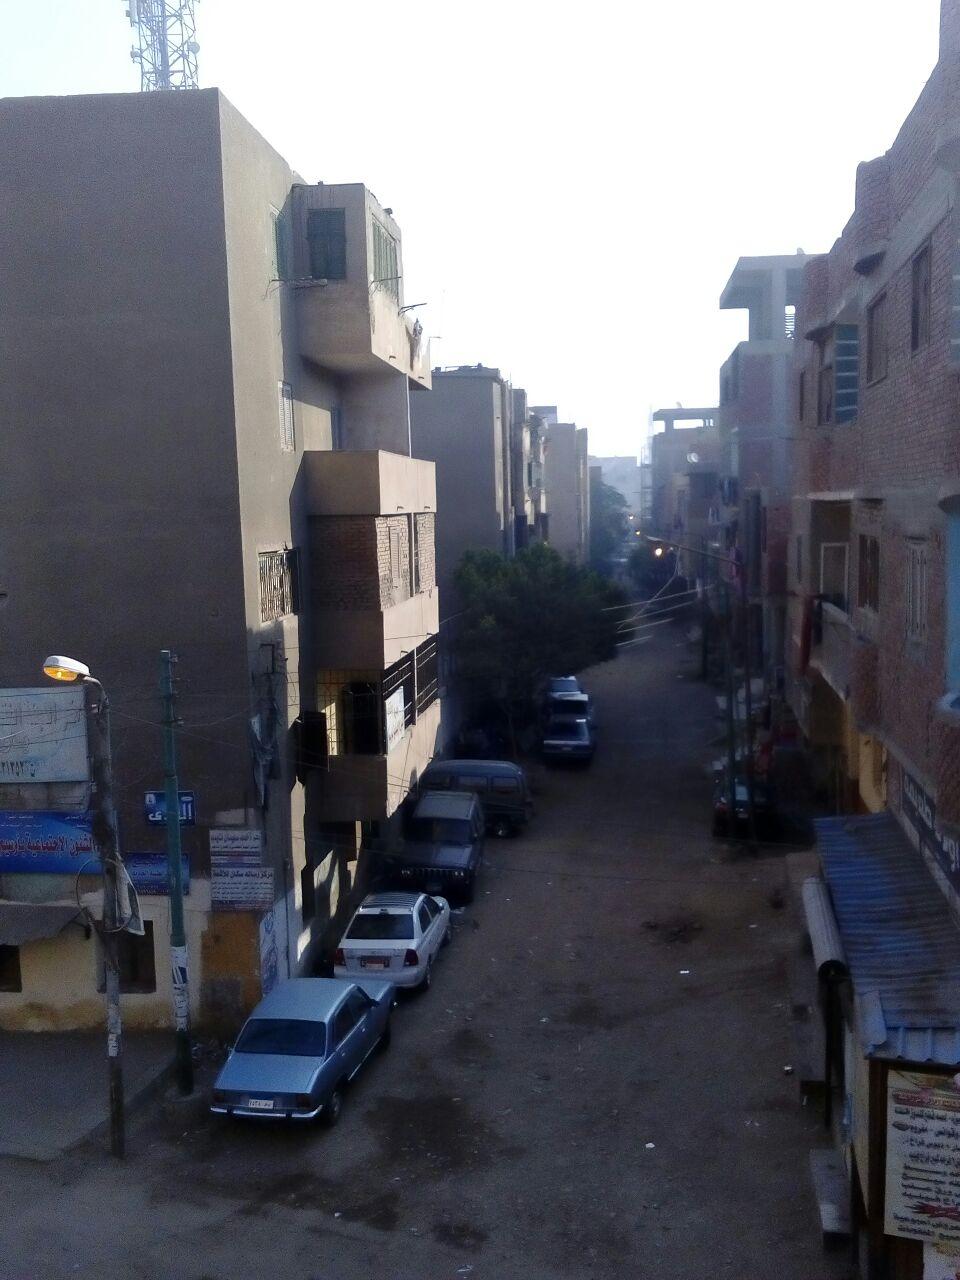 إضاءة أعمدة الإنارة في أوسيم خلال النهار.. ومواطن: إهدار للمال العام (صور وفيديو)